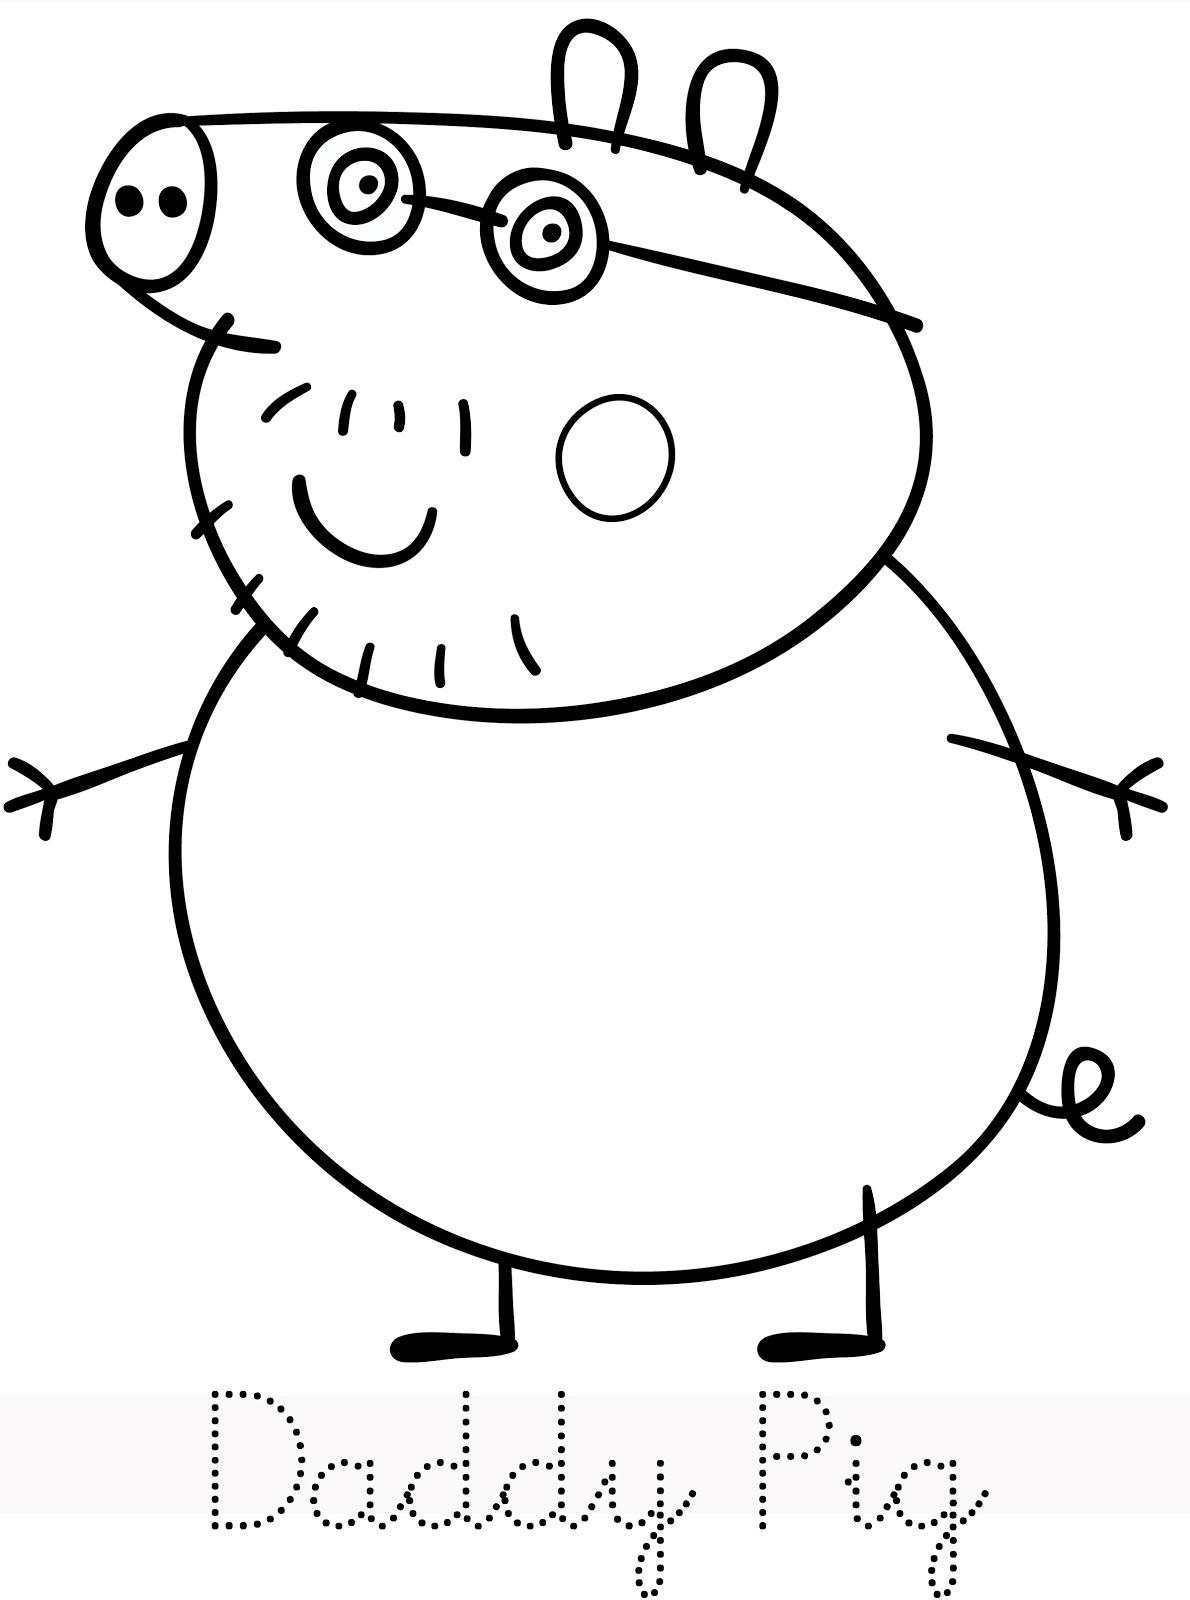 Coloriage Paques Peppa Pig.111 Dessins De Coloriage Peppa Pig A Imprimer Sur Laguerche Com Page 1